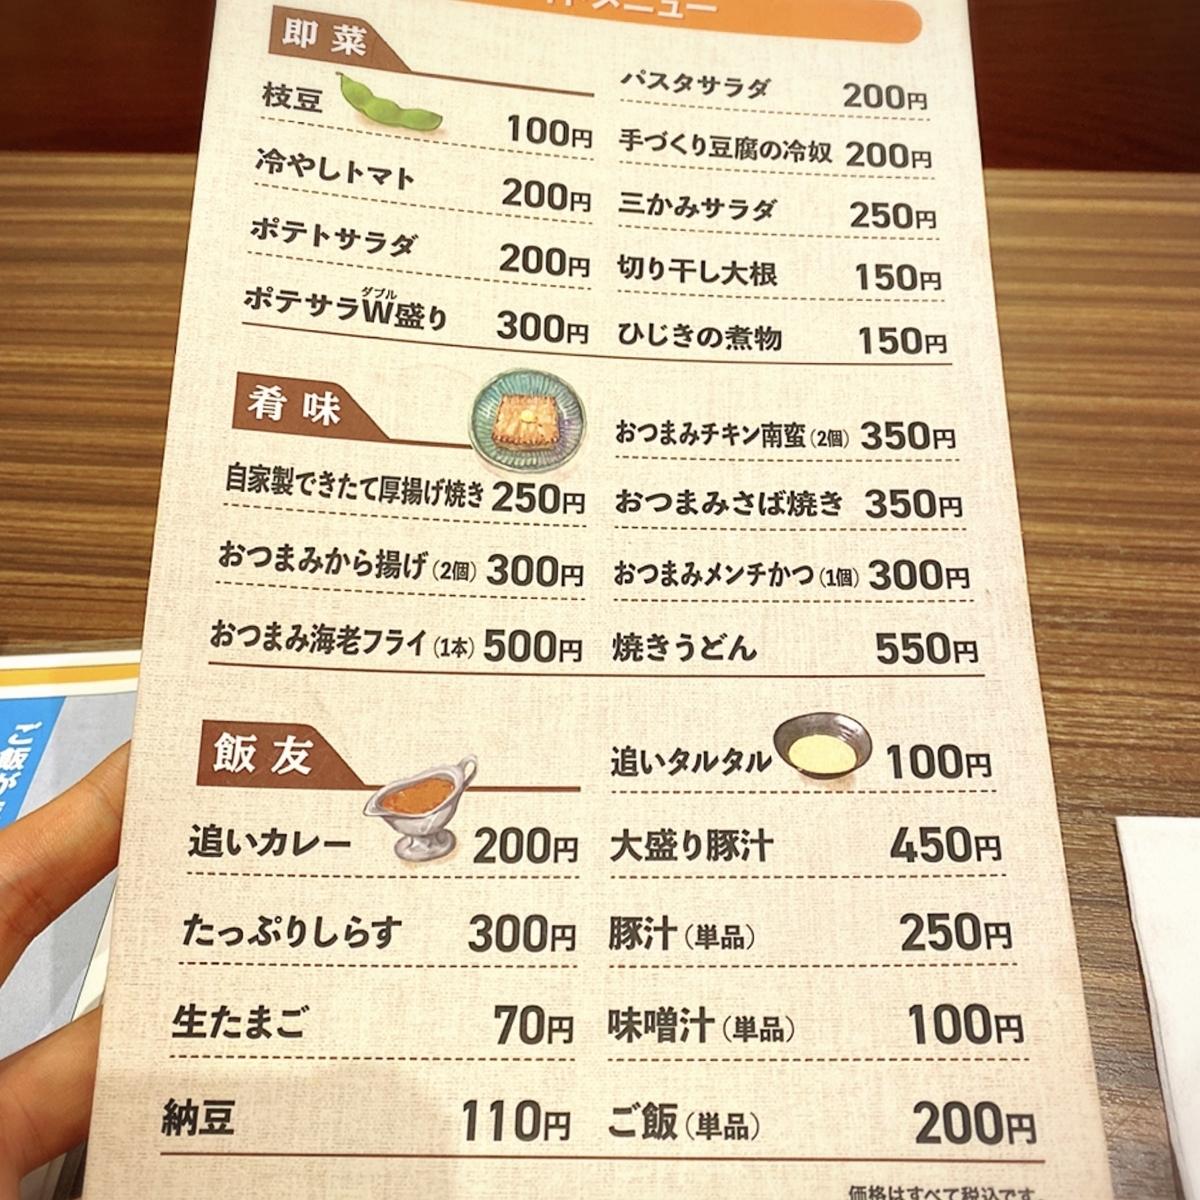 「食べ処 三かみ」のメニューと値段3